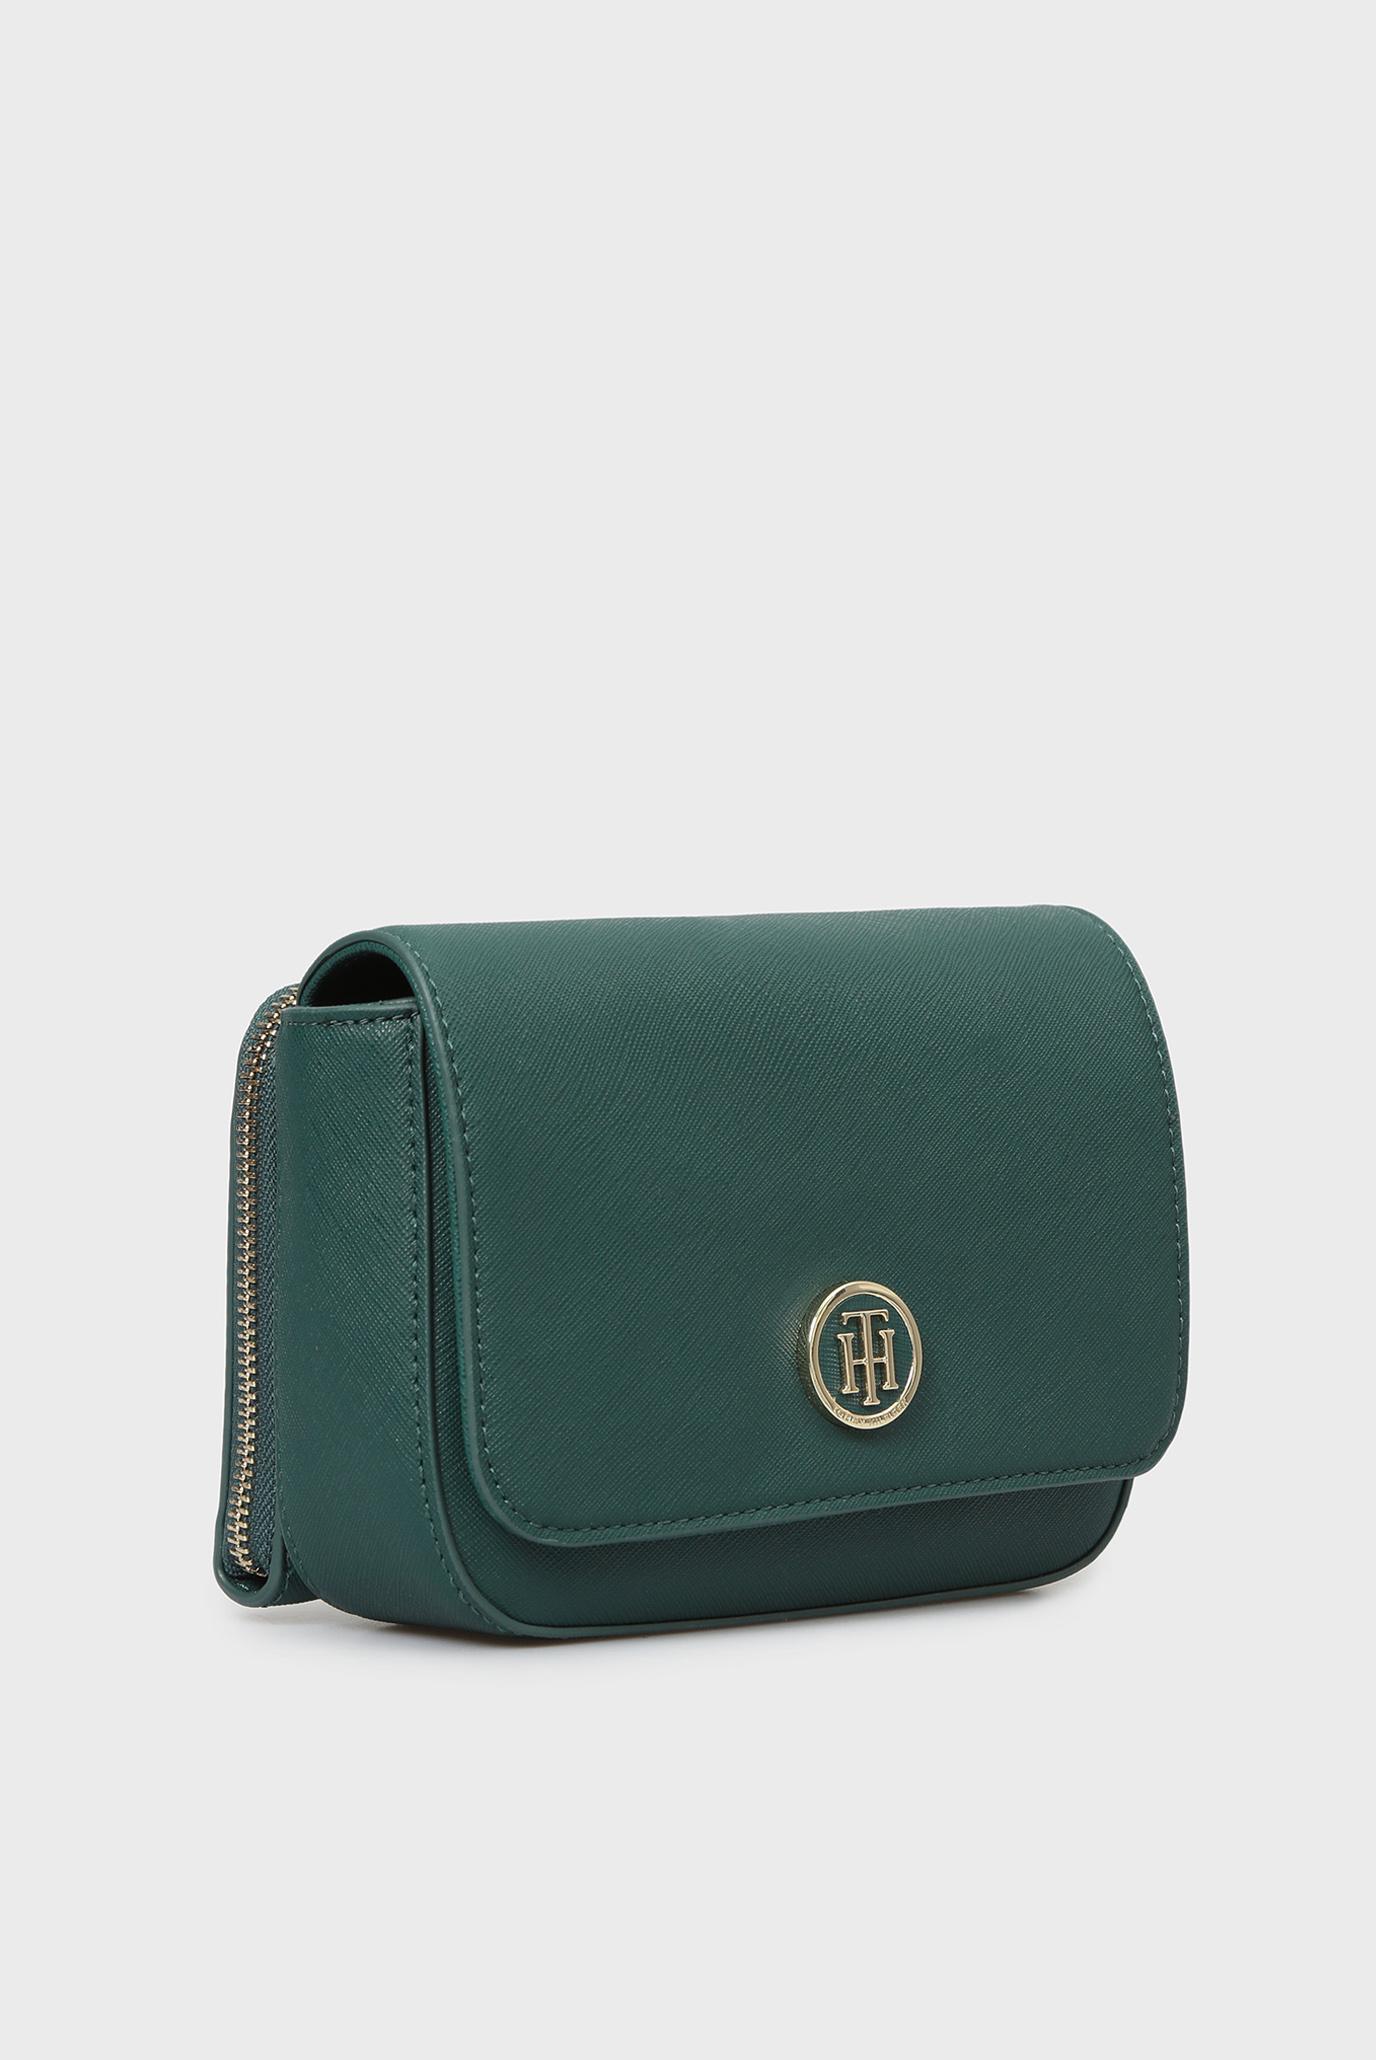 Купить Женская зеленая сумка через плечо HONEY MINI CROSSOVER Tommy Hilfiger Tommy Hilfiger AW0AW05654 – Киев, Украина. Цены в интернет магазине MD Fashion